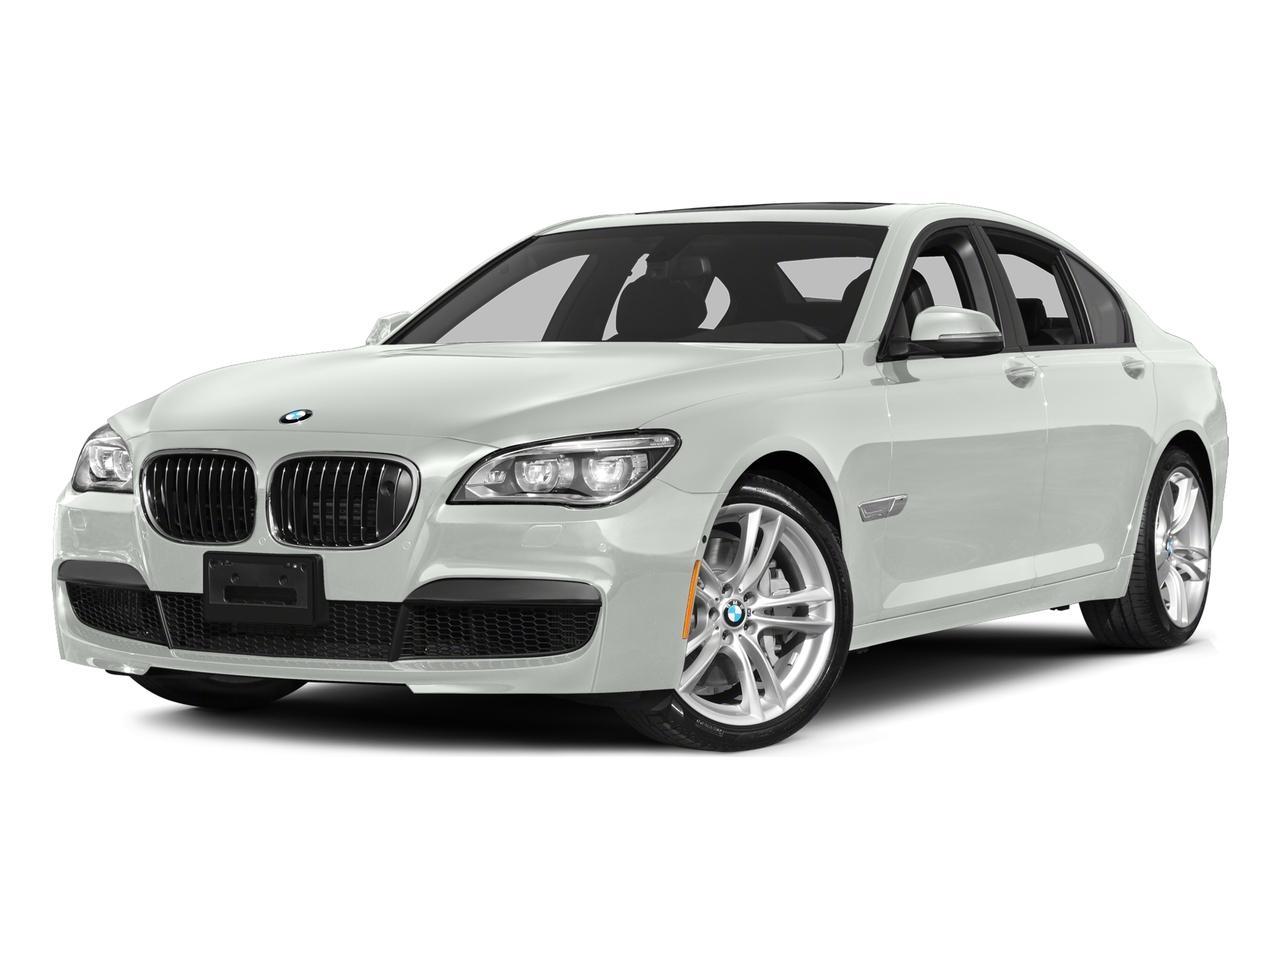 2015 BMW 750Li Vehicle Photo in Pleasanton, CA 94588